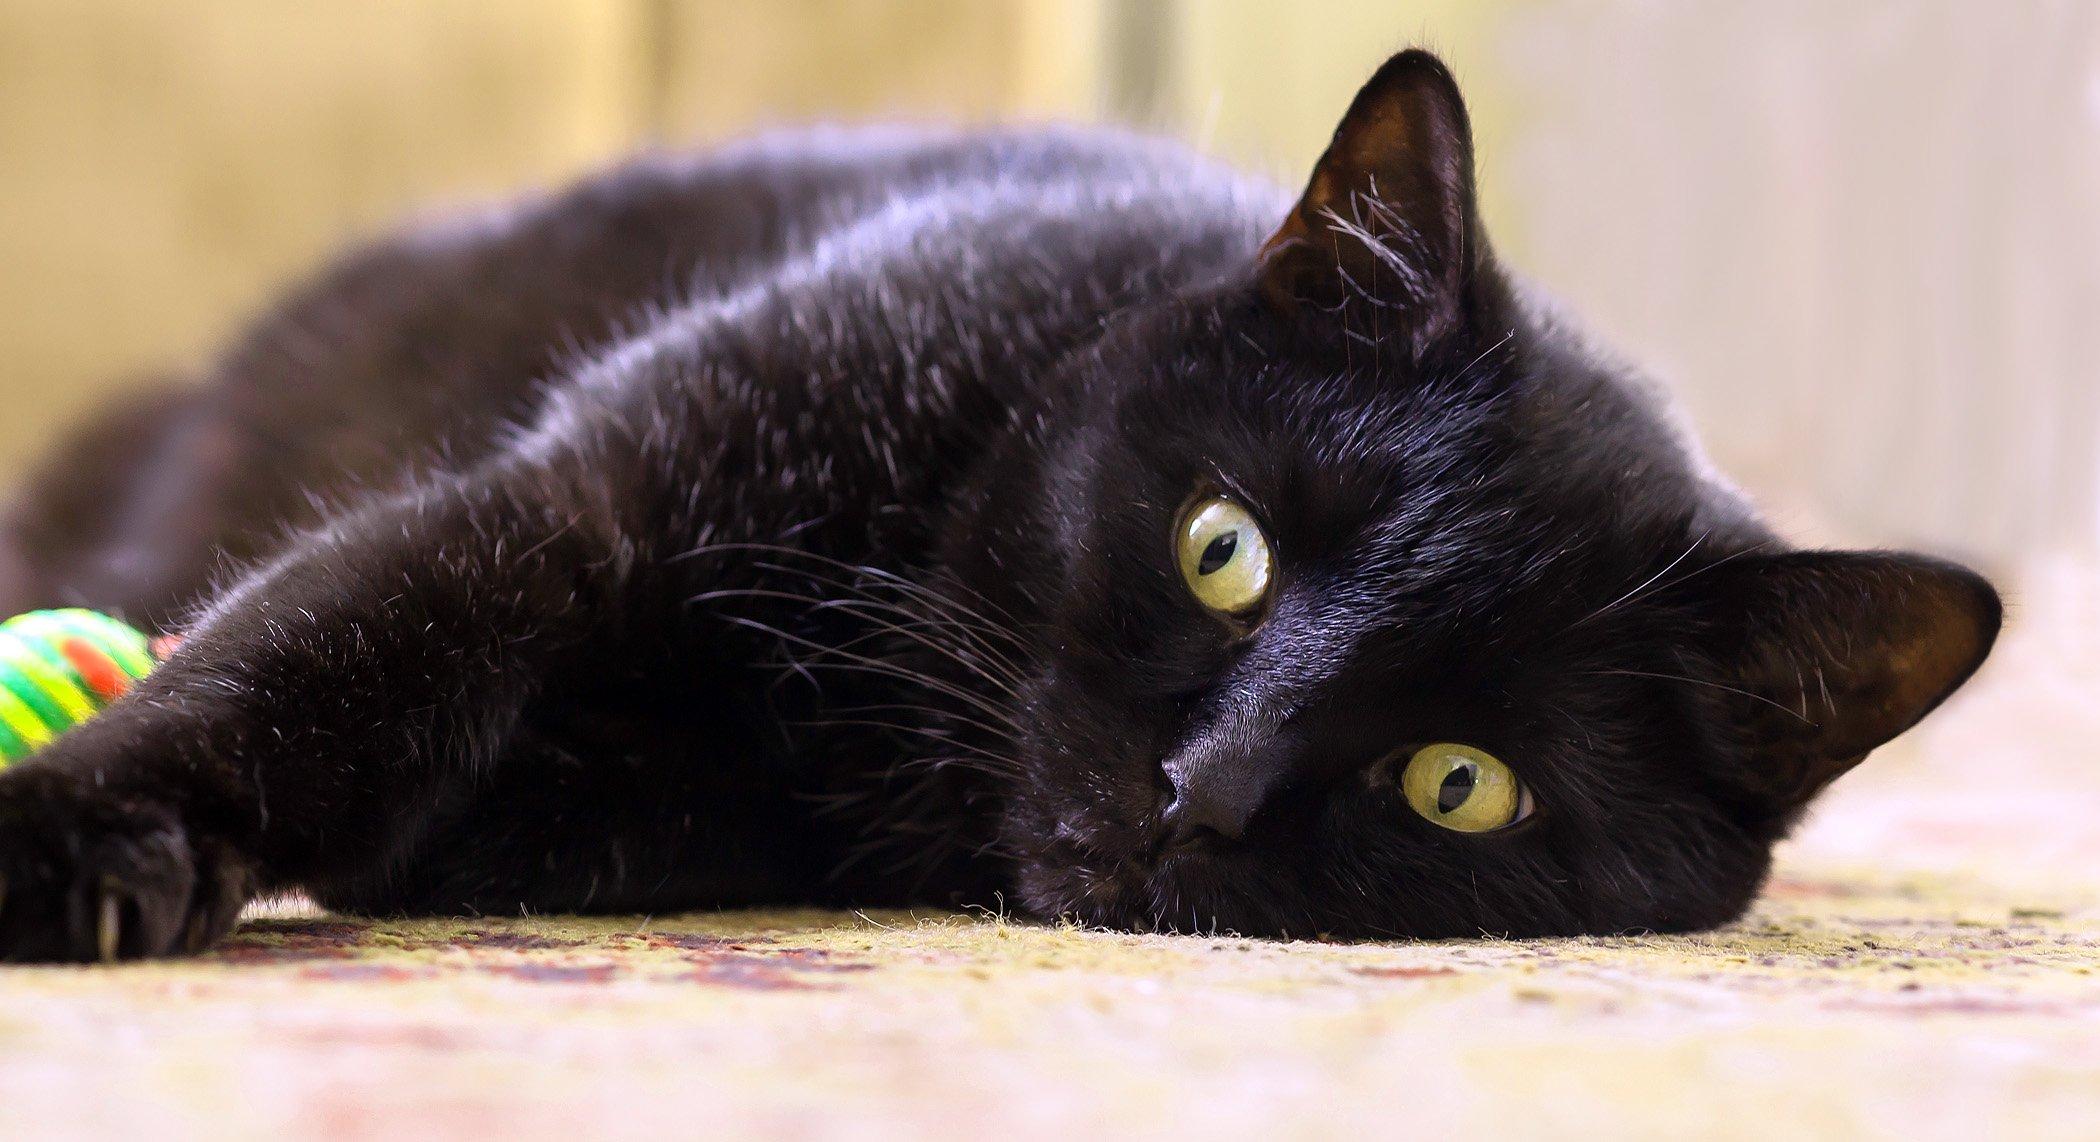 взгляд, глаза, животные, кошки, любимцы, питомцы, Антонина